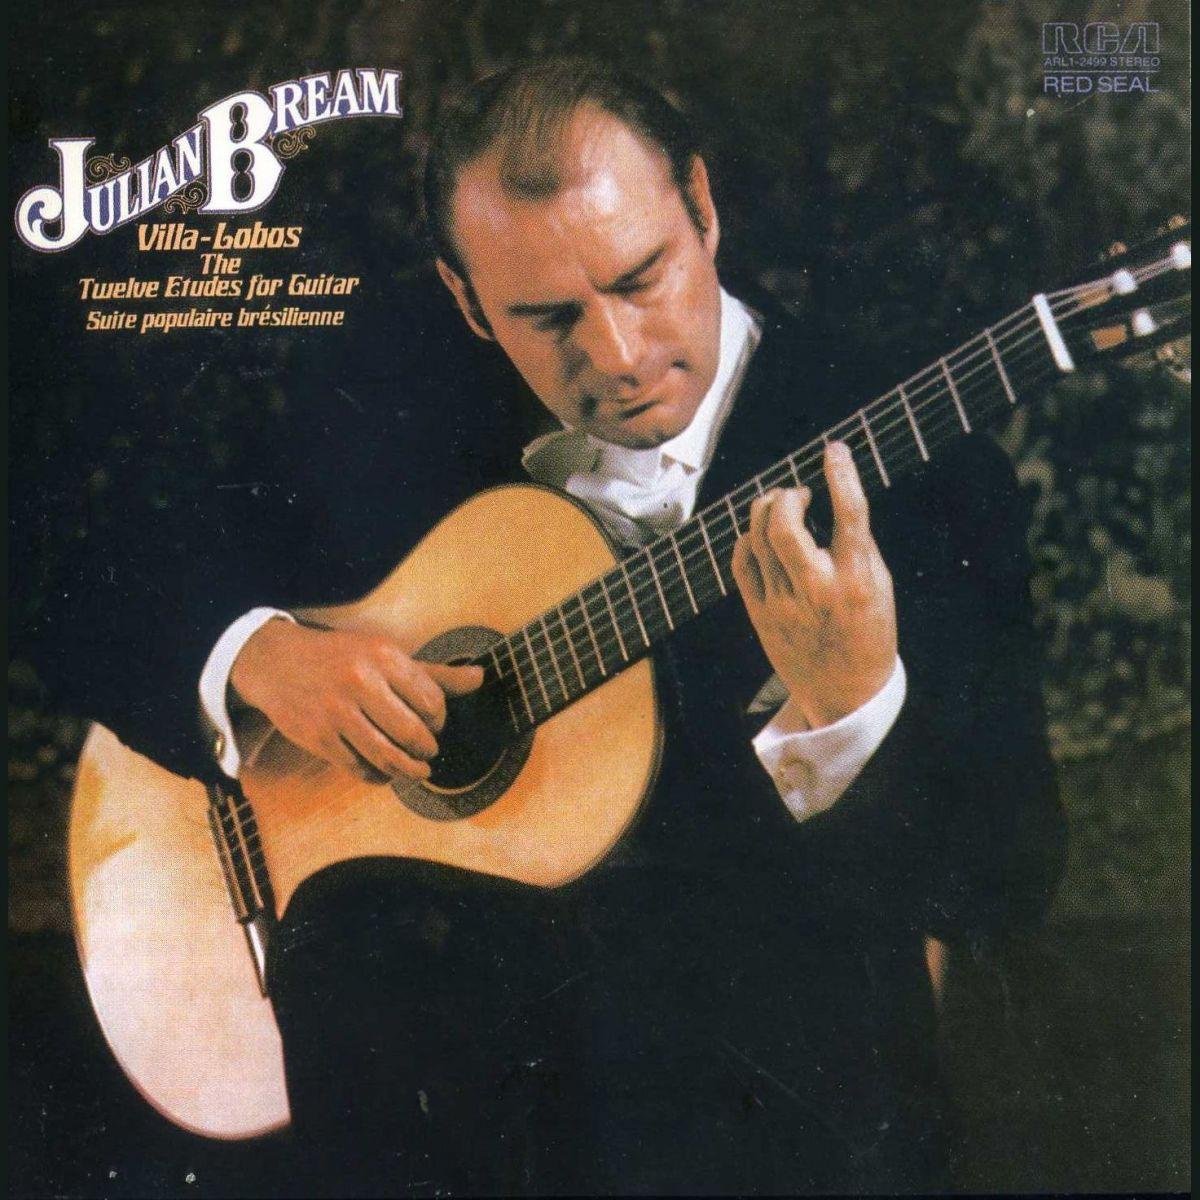 A brilhante trajetória biográfica e artística de Julian Bream